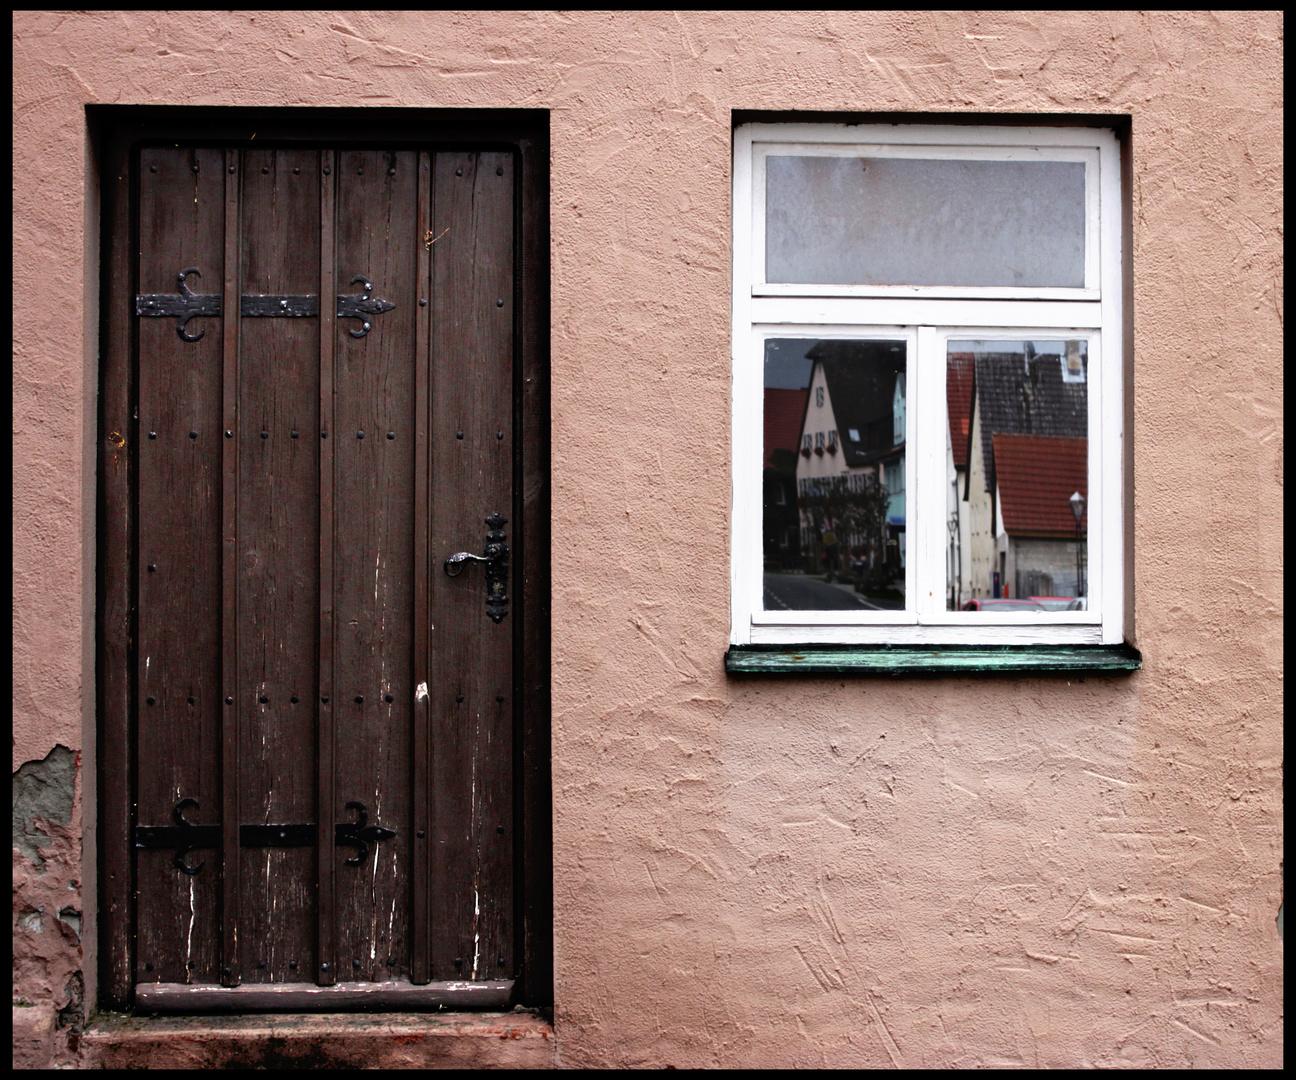 Verschlossene Tür, ohne Möglichkeit durchs Fenster zu blicken